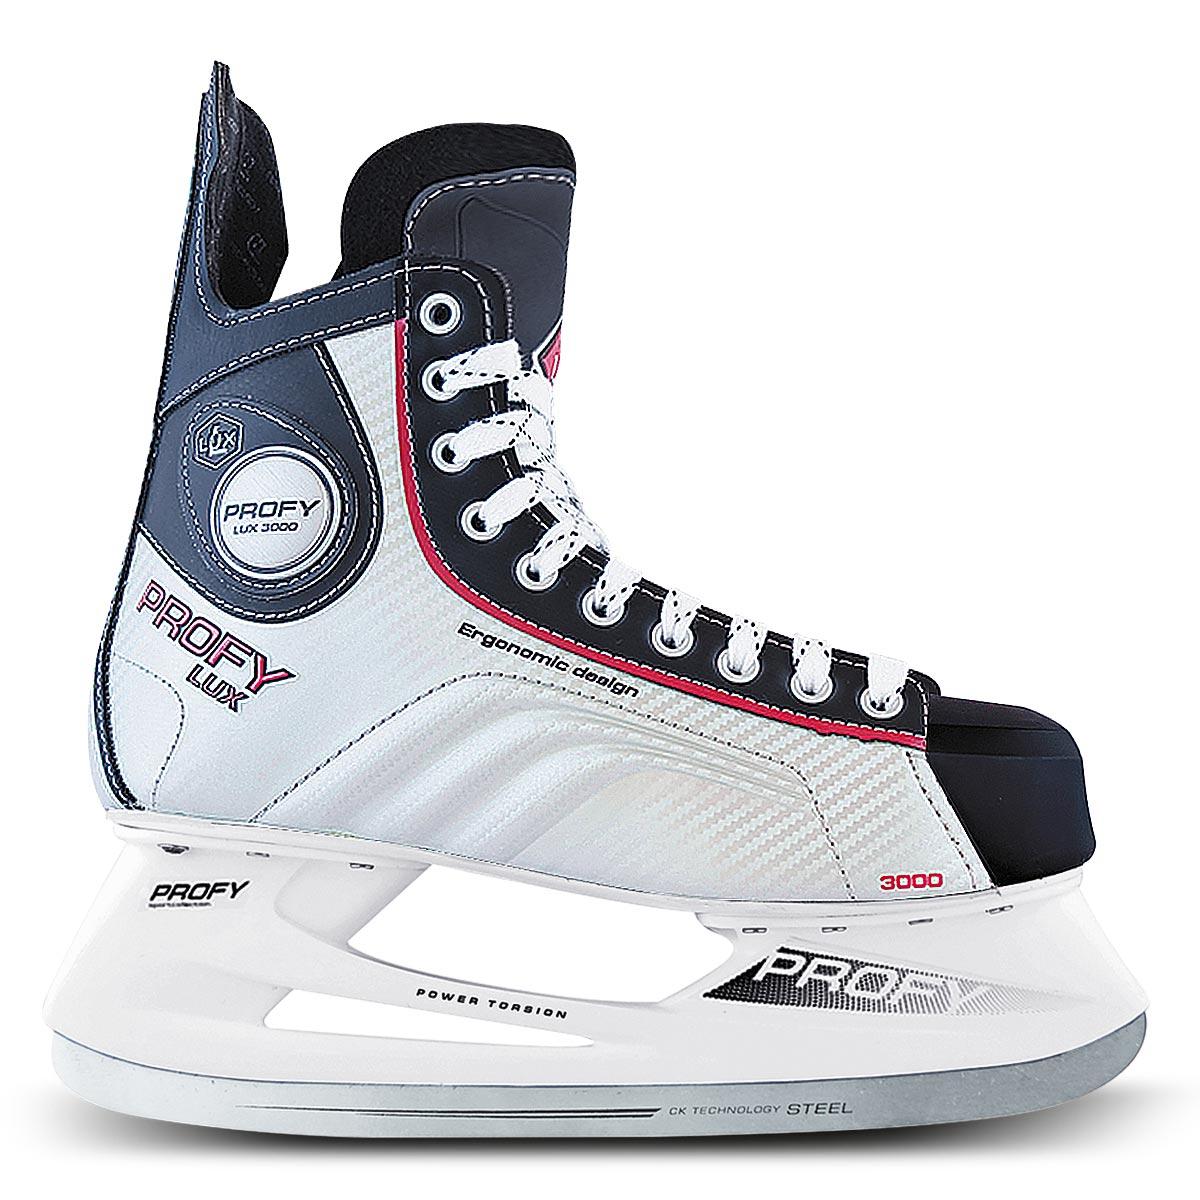 Коньки хоккейные мужские СК Profy Lux 3000, цвет: черный, серебряный, красный. Размер 40PROFY LUX 3000 Red_40Коньки хоккейные мужские СК Profy Lux 3000 прекрасно подойдут для профессиональных игроков в хоккей. Ботинок выполнен из морозоустойчивой искусственной кожи и специального резистентного ПВХ, а язычок - из двухслойного войлока и искусственной кожи. Слоевая композитная технология позволила изготовить ботинок, полностью обволакивающий ногу. Это обеспечивает прочную и удобную фиксацию ноги, повышает защиту от ударов. Ботинок изготовлен с учетом антропометрии стоп россиян, что обеспечивает комфорт и устойчивость ноги, правильное распределение нагрузки, сильно снижает травмоопасность. Конструкция носка ботинка, изготовленного из ударопрочного энергопоглощающего термопластичного полиуретана Hytrel® (DuPont), обеспечивает увеличенную надежность защиты передней части ступни от ударов. Усиленные боковины ботинка из формованного PVC укрепляют боковую часть ботинка и дополнительно защищают ступню от ударов за счет поглощения энергии. Тип застежки ботинок – классическая шнуровка. Стелька из упругого пенного полимерного материала EVA гарантирует комфортное положение ноги в ботинке, обеспечивает быструю адаптацию ботинка к индивидуальным формам ноги, не теряет упругости при изменении температуры и не разрушается от воздействия пота и влаги. Легкая прочная низкопрофильная полимерная подошва инжекционного формования практически без потерь передает энергию от толчка ноги к лезвию – быстрее набор скорости, резче повороты и остановки, острее чувство льда. Лезвие из нержавеющей стали 420J обеспечит превосходное скольжение.